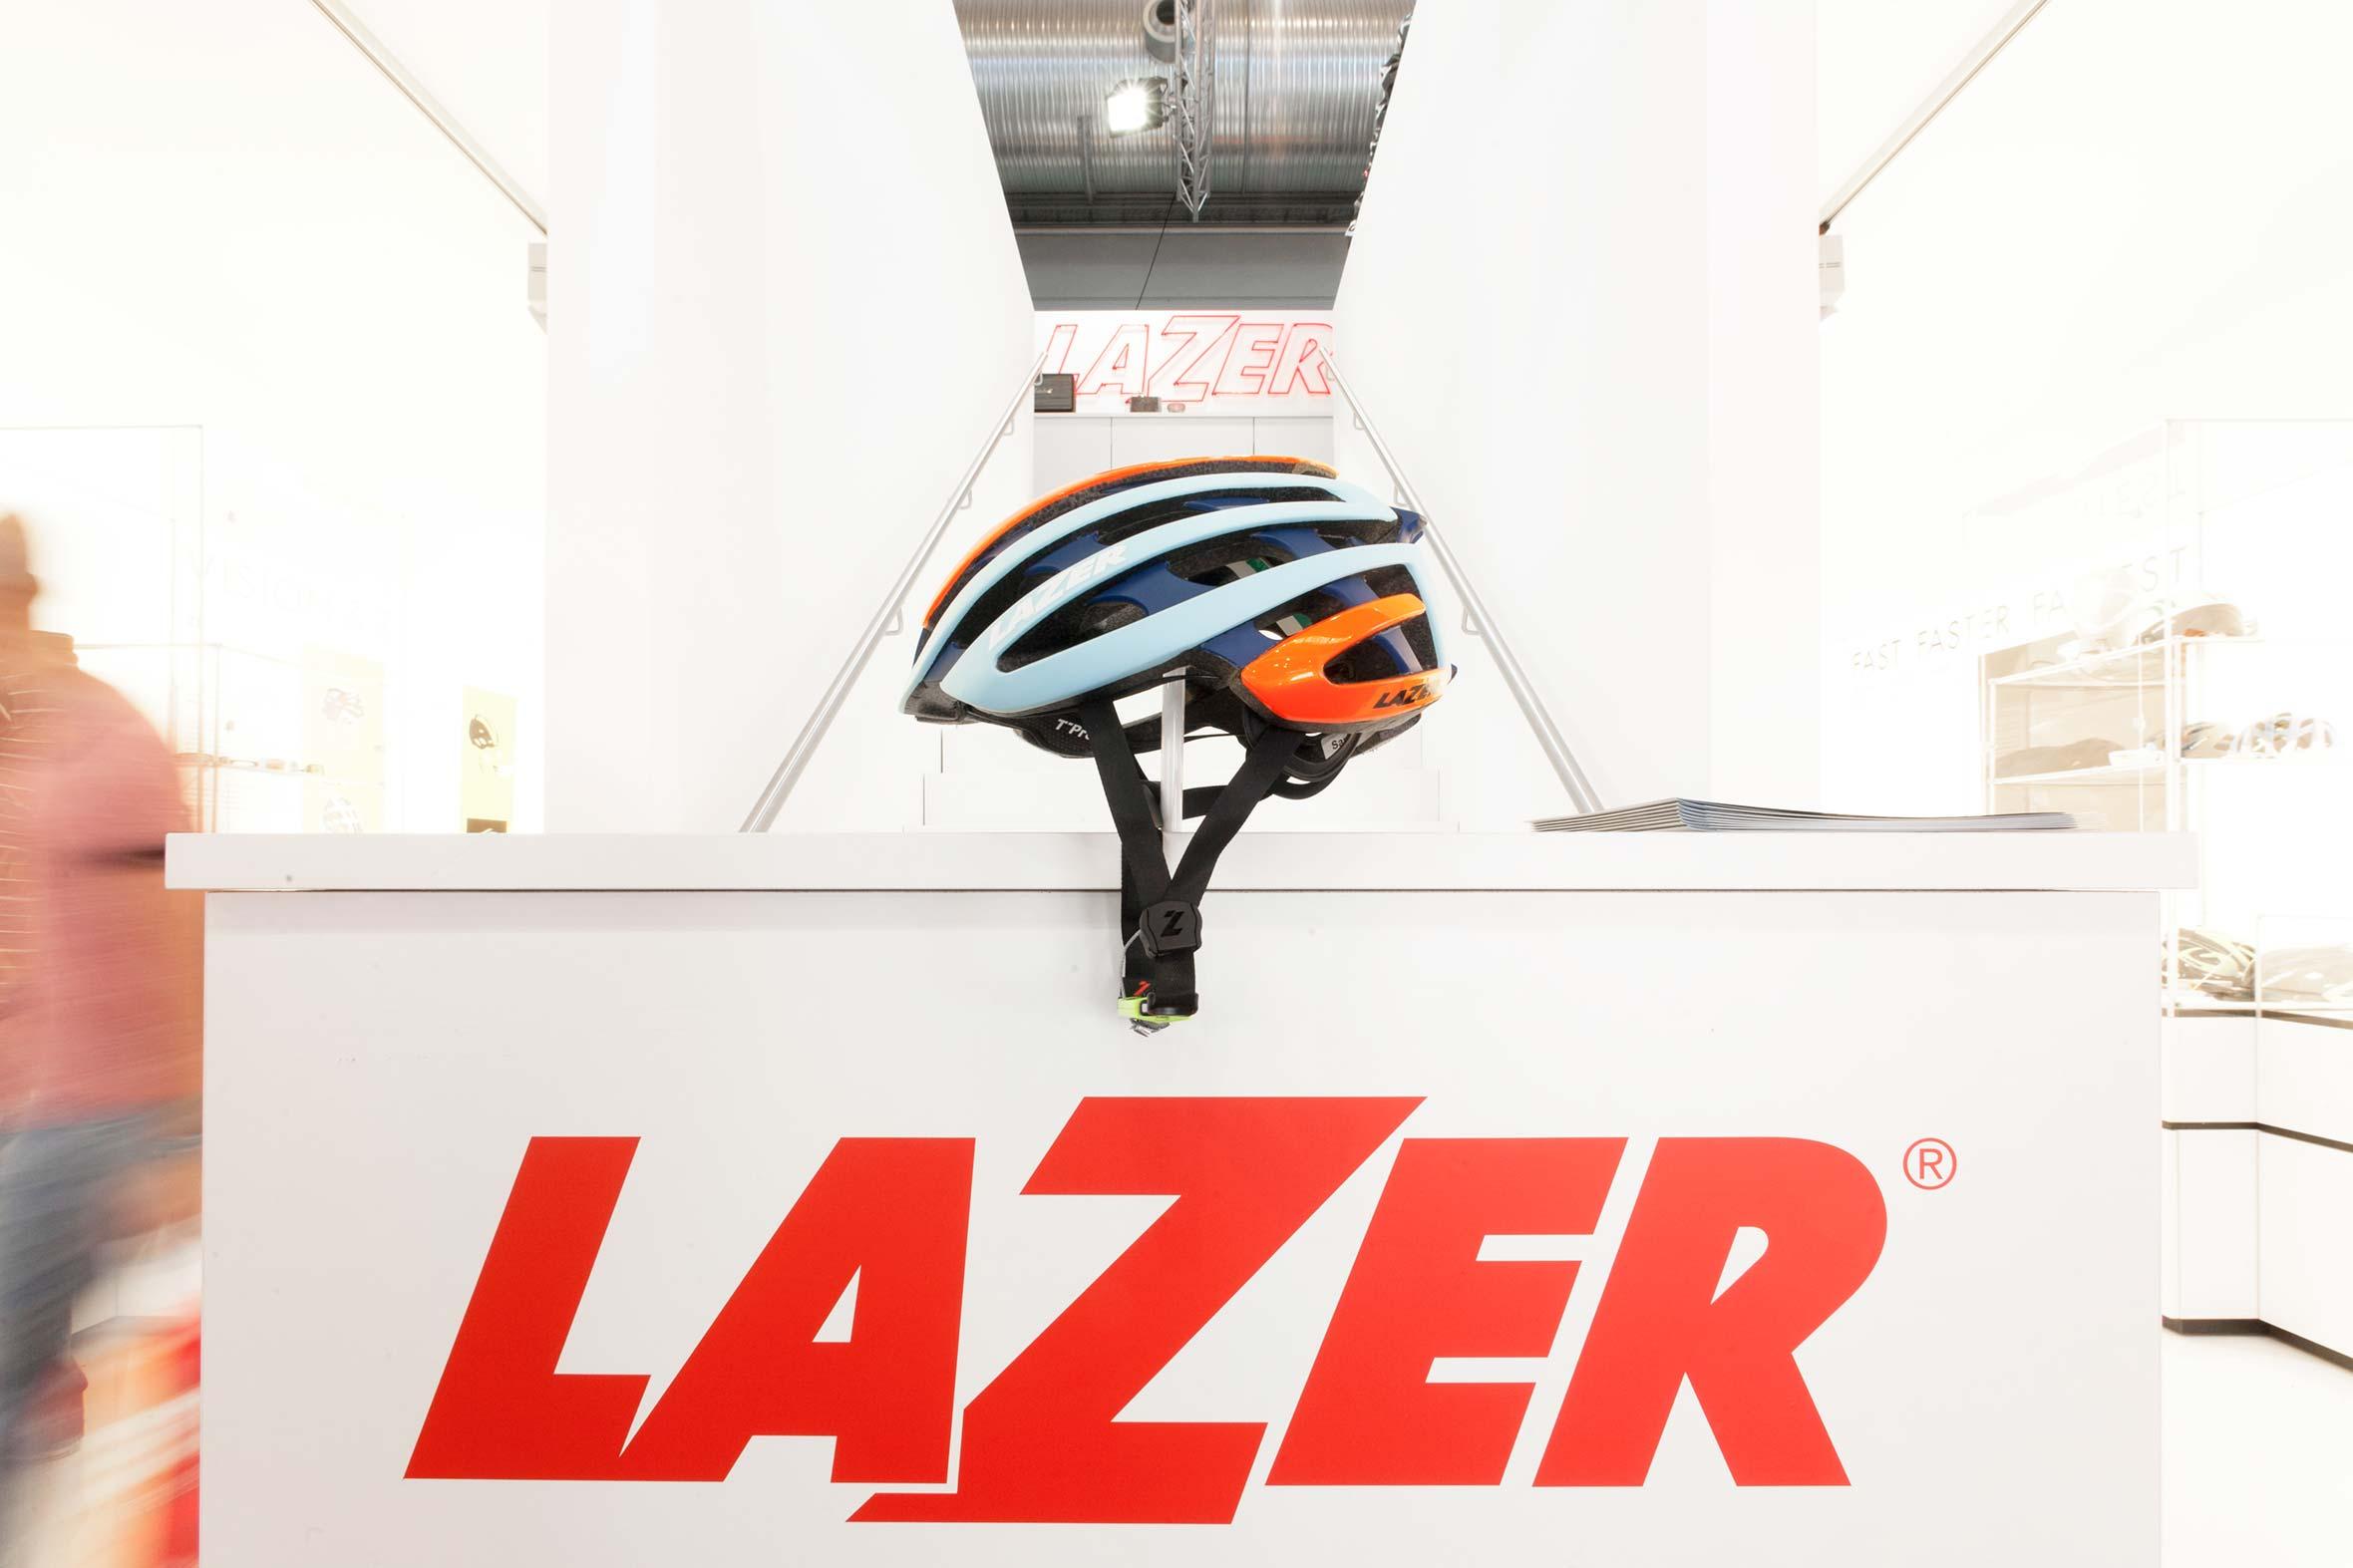 Tonia Bürkle (blaugrau): Lazer Sport für Eurobike FriedrichshafenLazer Sport 2